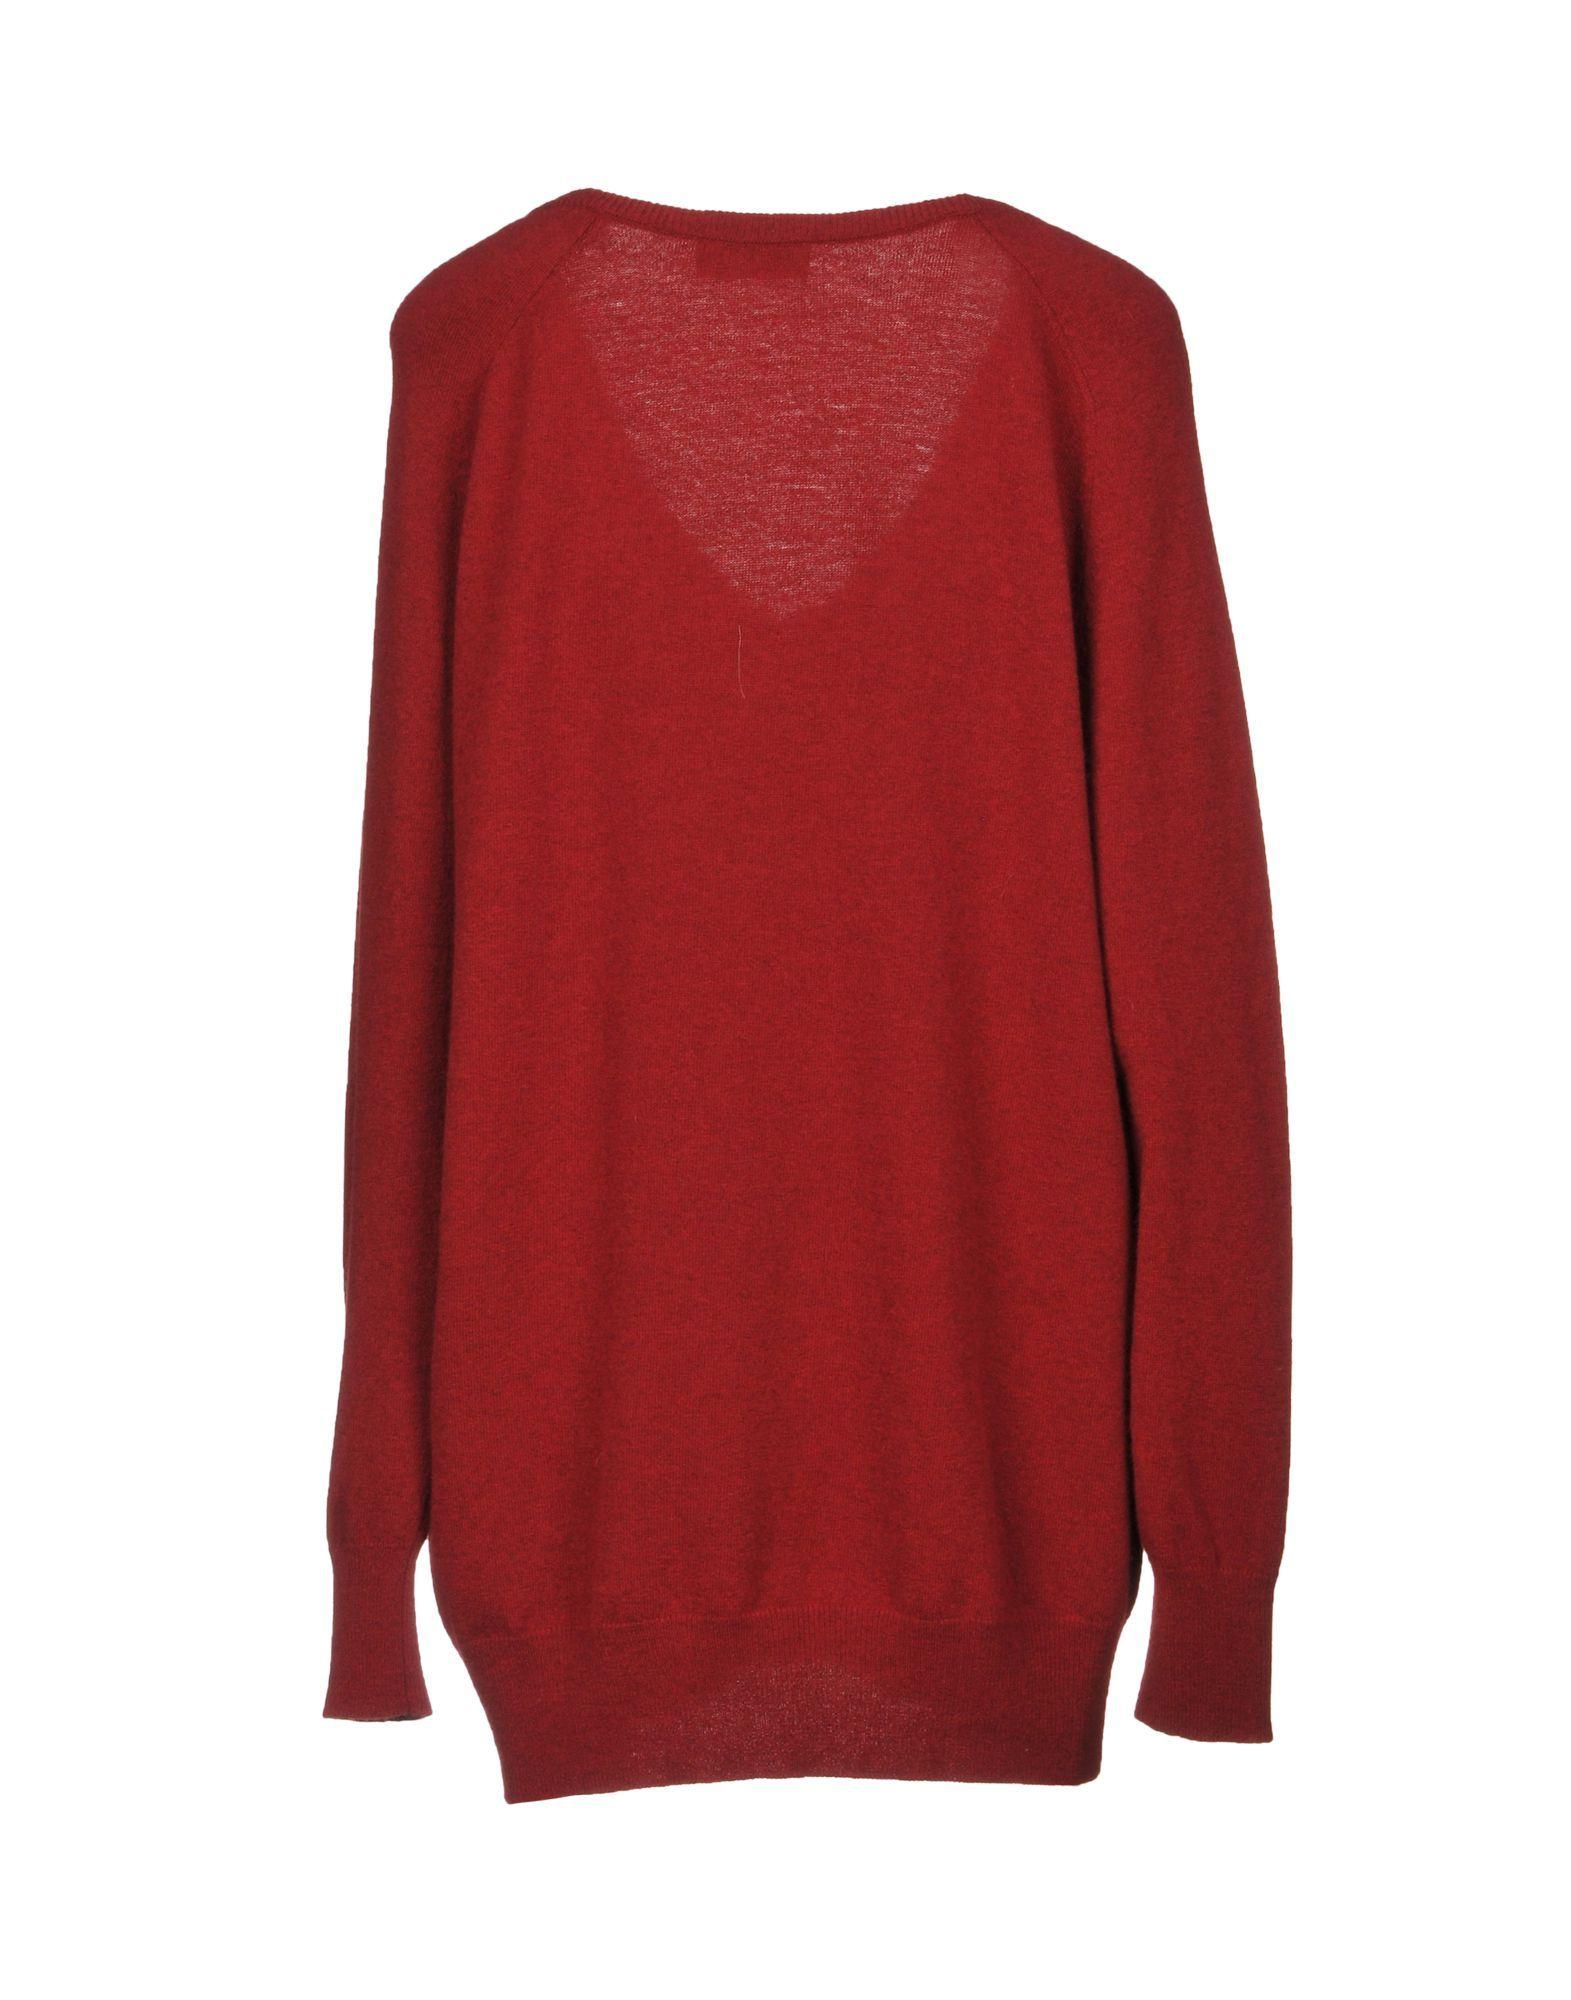 KNITWEAR Sonia De Nisco Maroon Woman Wool